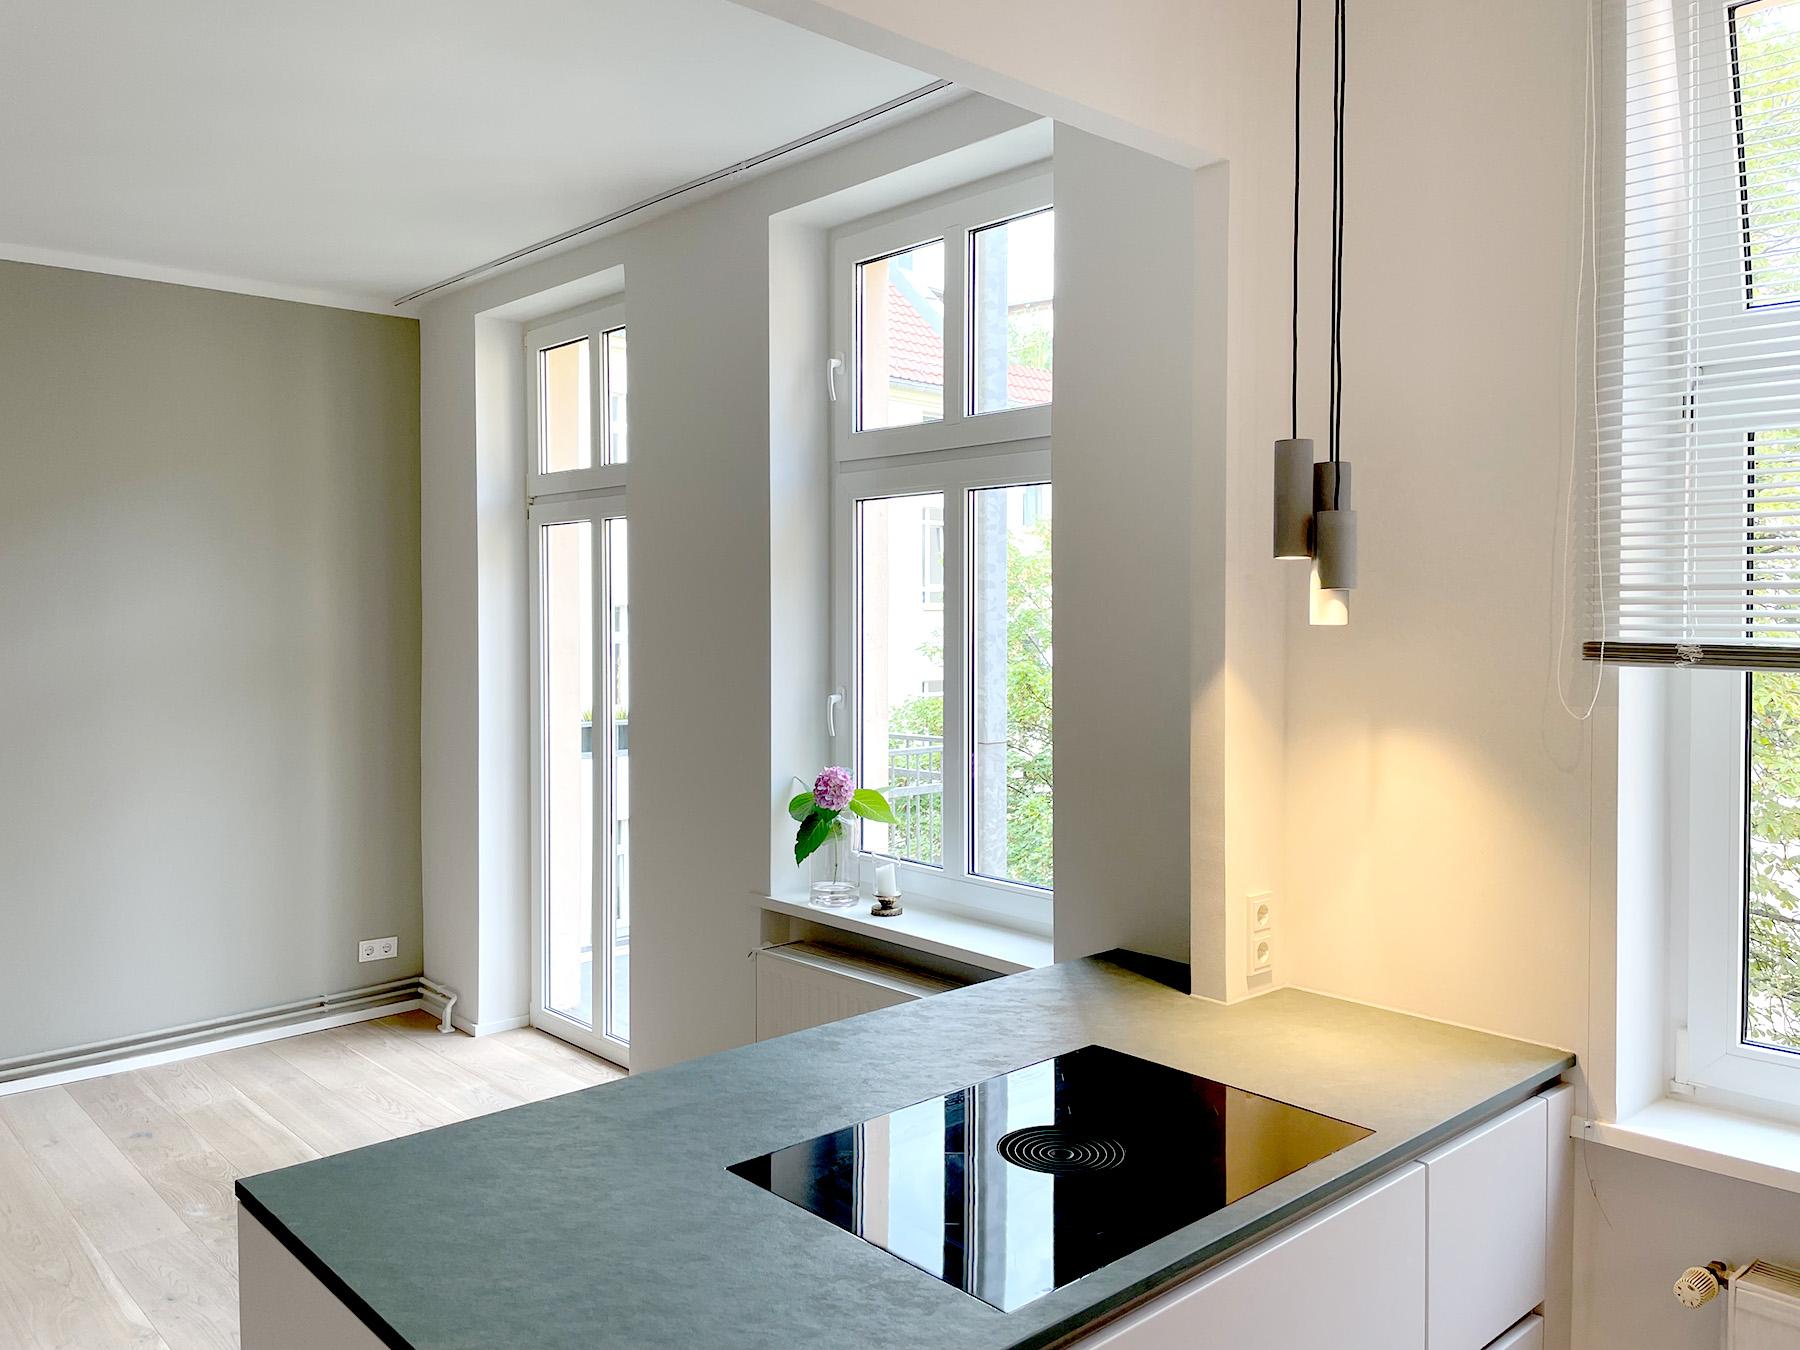 Fertigstellung der Renovierung einer kleinen Wohnung in Berlin-Prenzlauer Berg